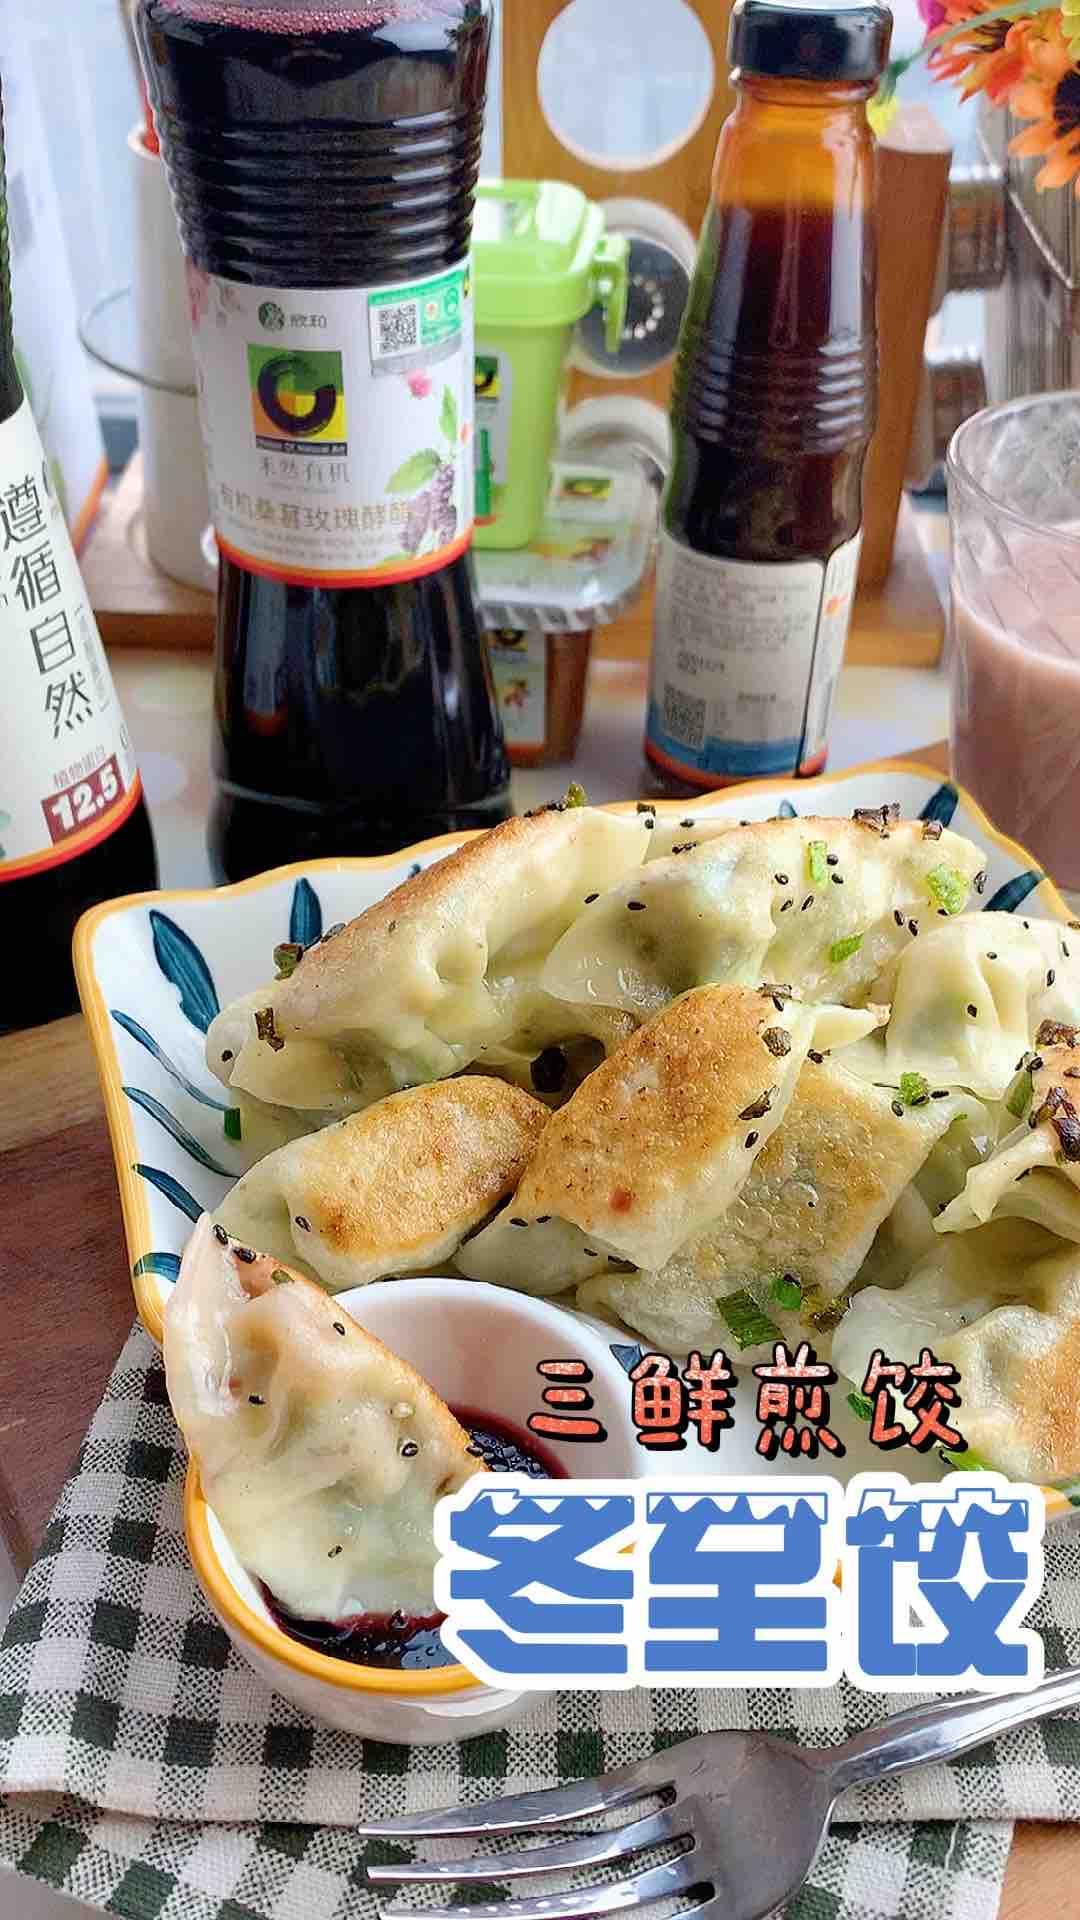 三鲜煎饺,冬至里的另一份快乐